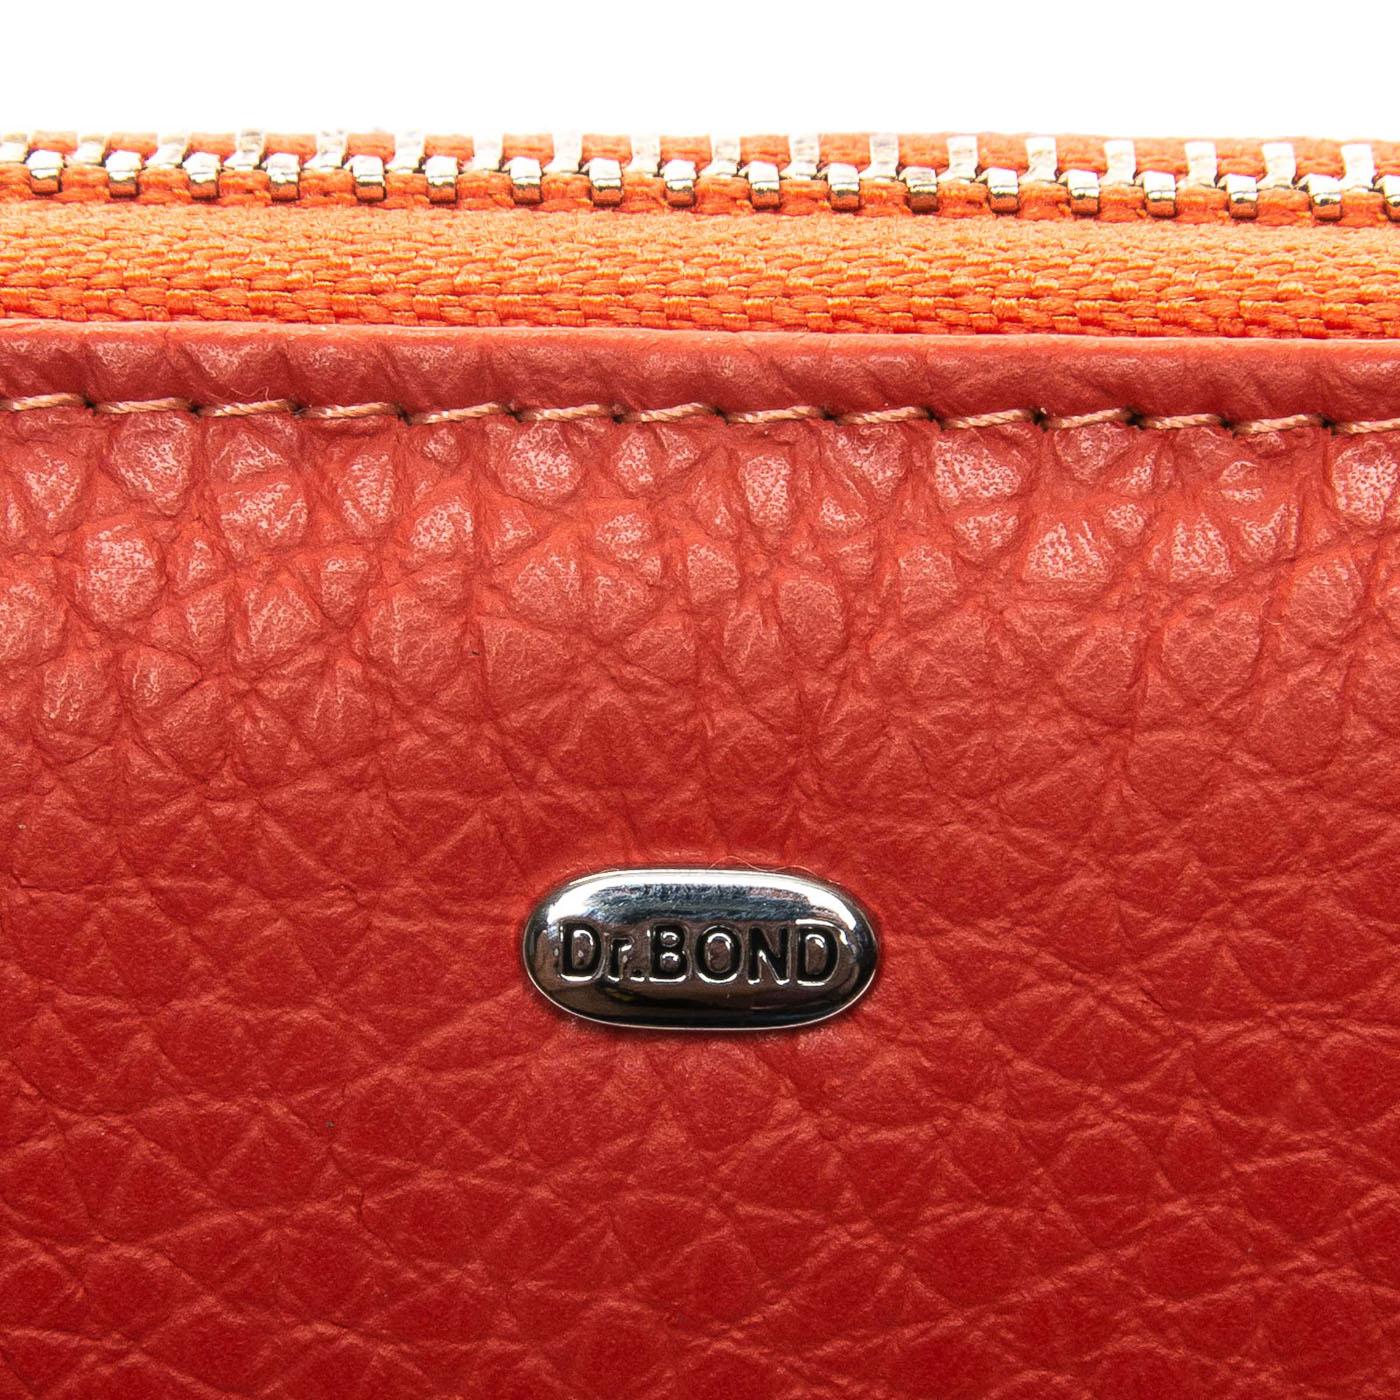 Кошелек Classic кожа DR. BOND WS-8 orange